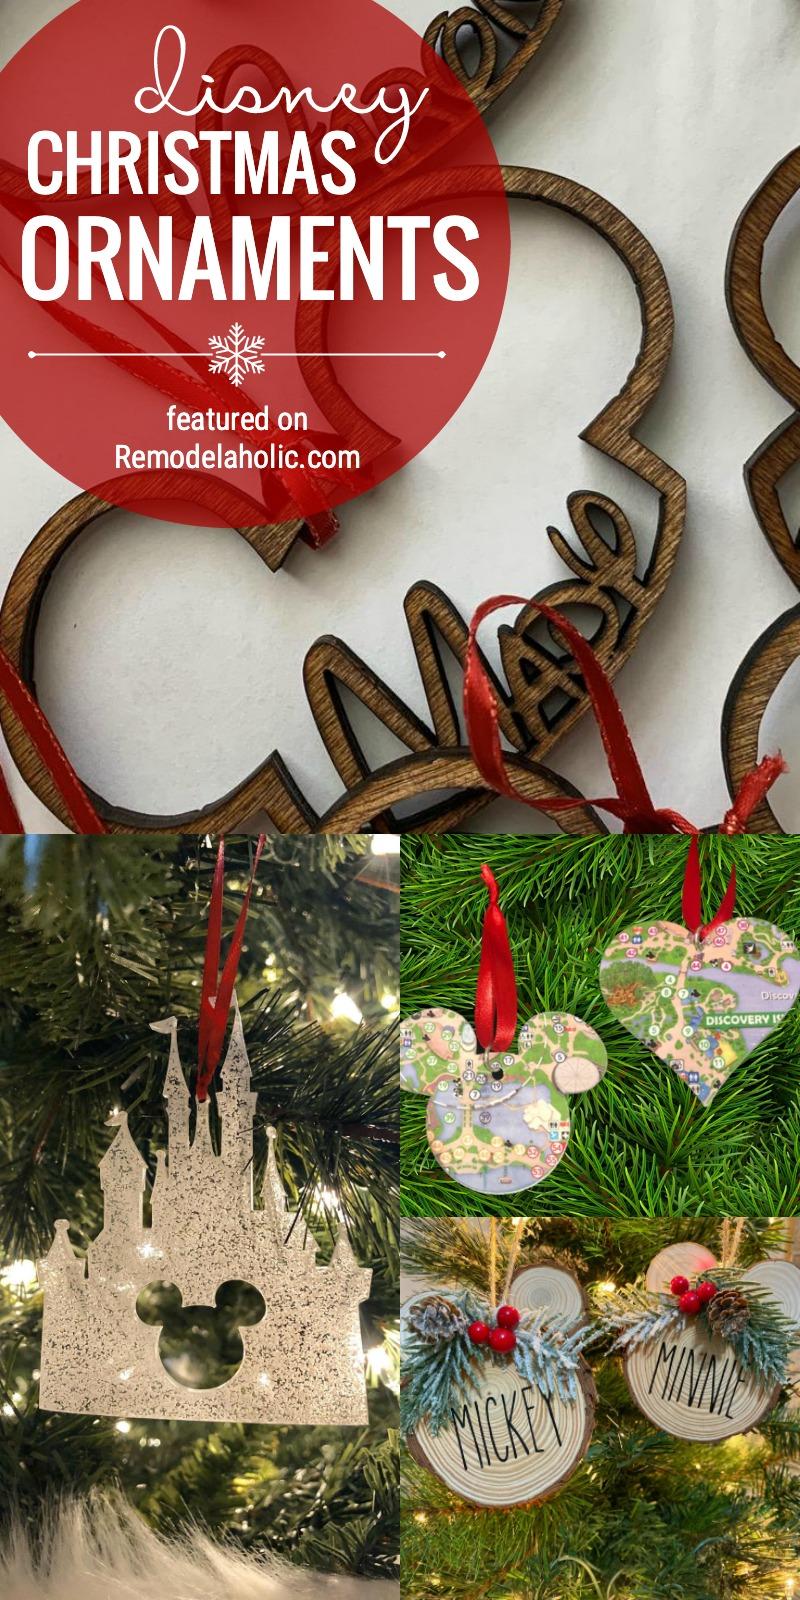 Décorations de Noël Disney à acheter pour votre arbre de Noël en vedette sur Remodelaholic.com